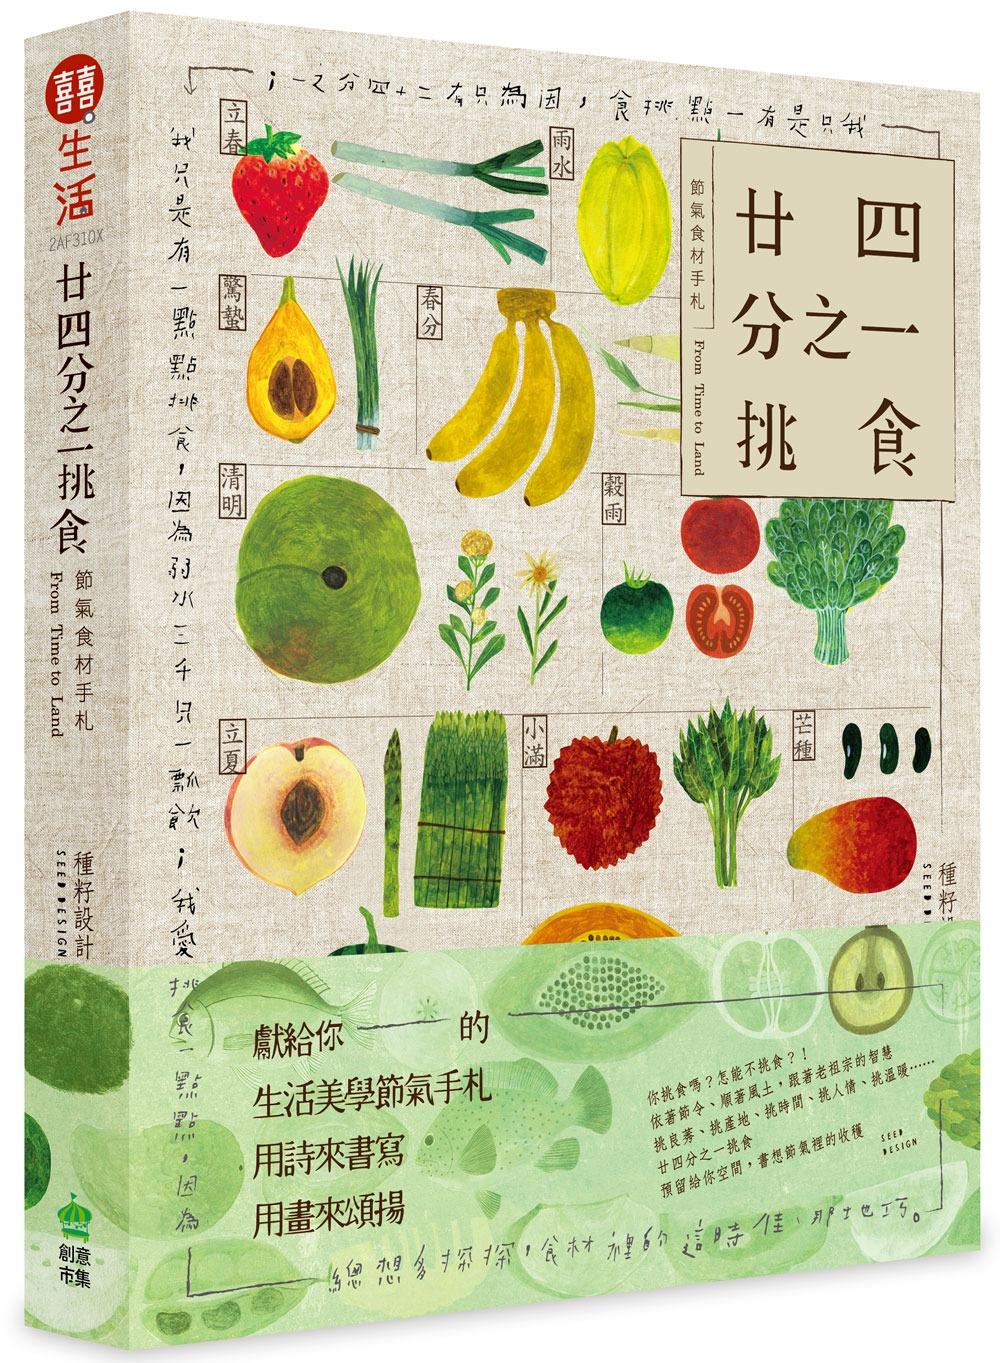 ◤博客來BOOKS◢ 暢銷書榜《推薦》廿四分之一挑食‧節氣食材手札